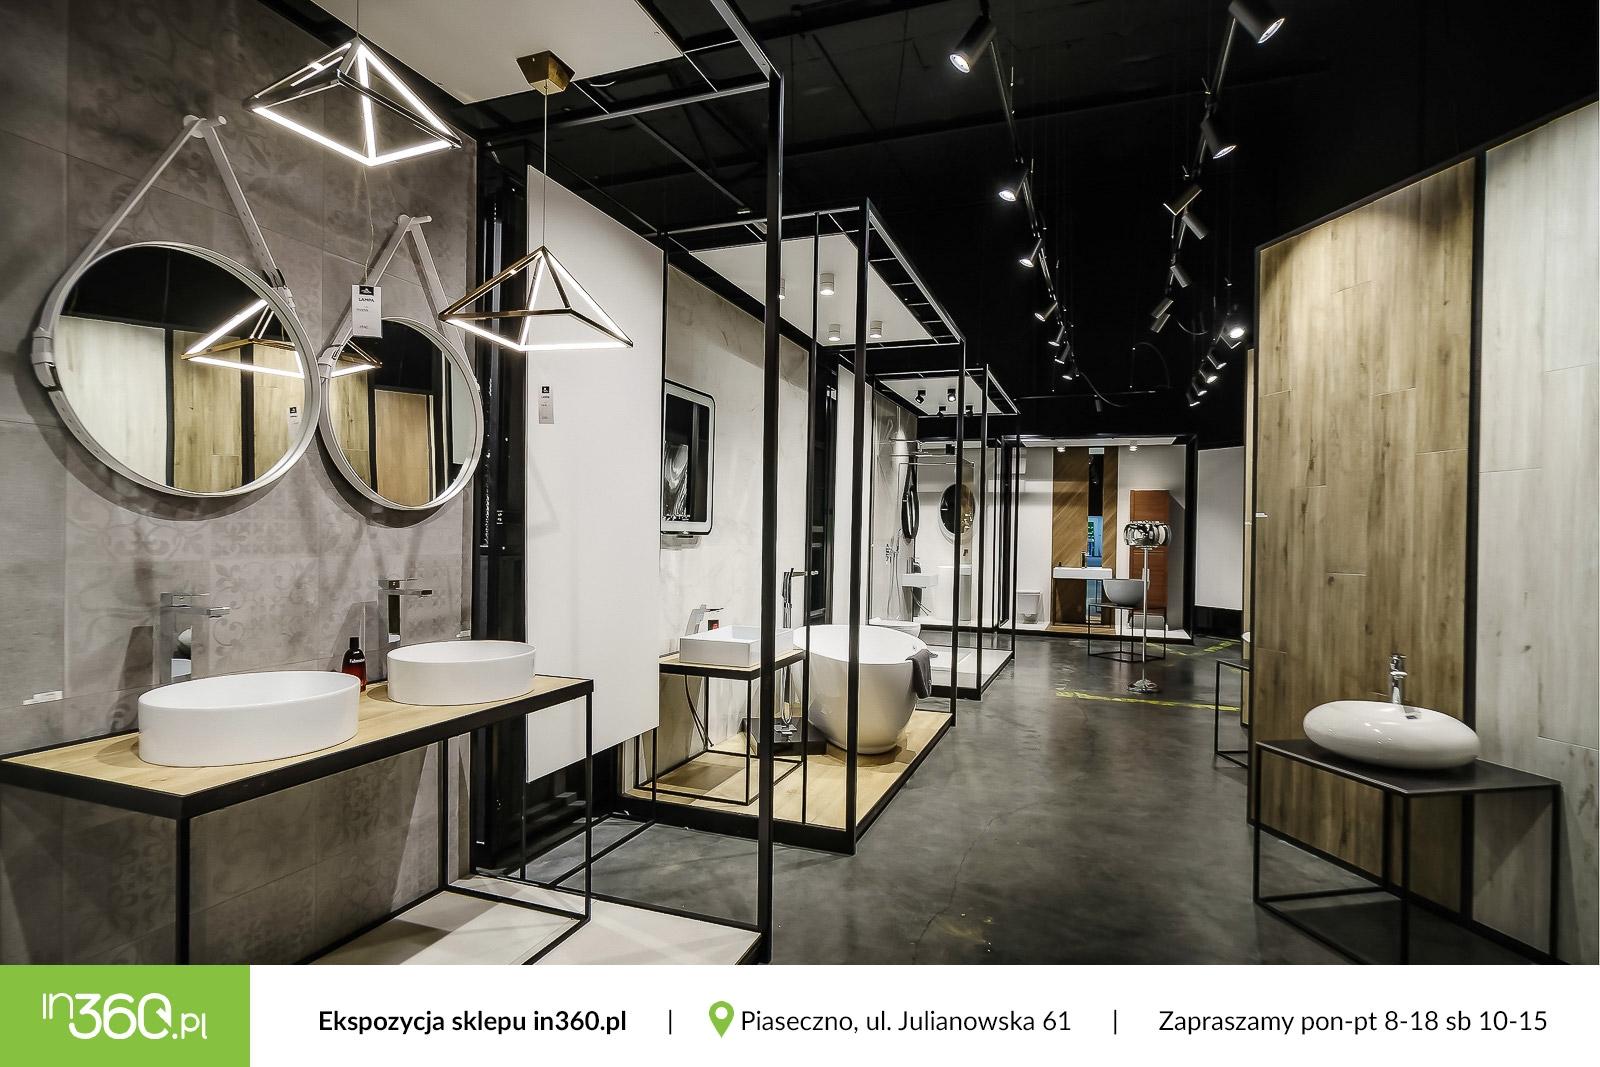 ekspozycja sklepu in360.pl